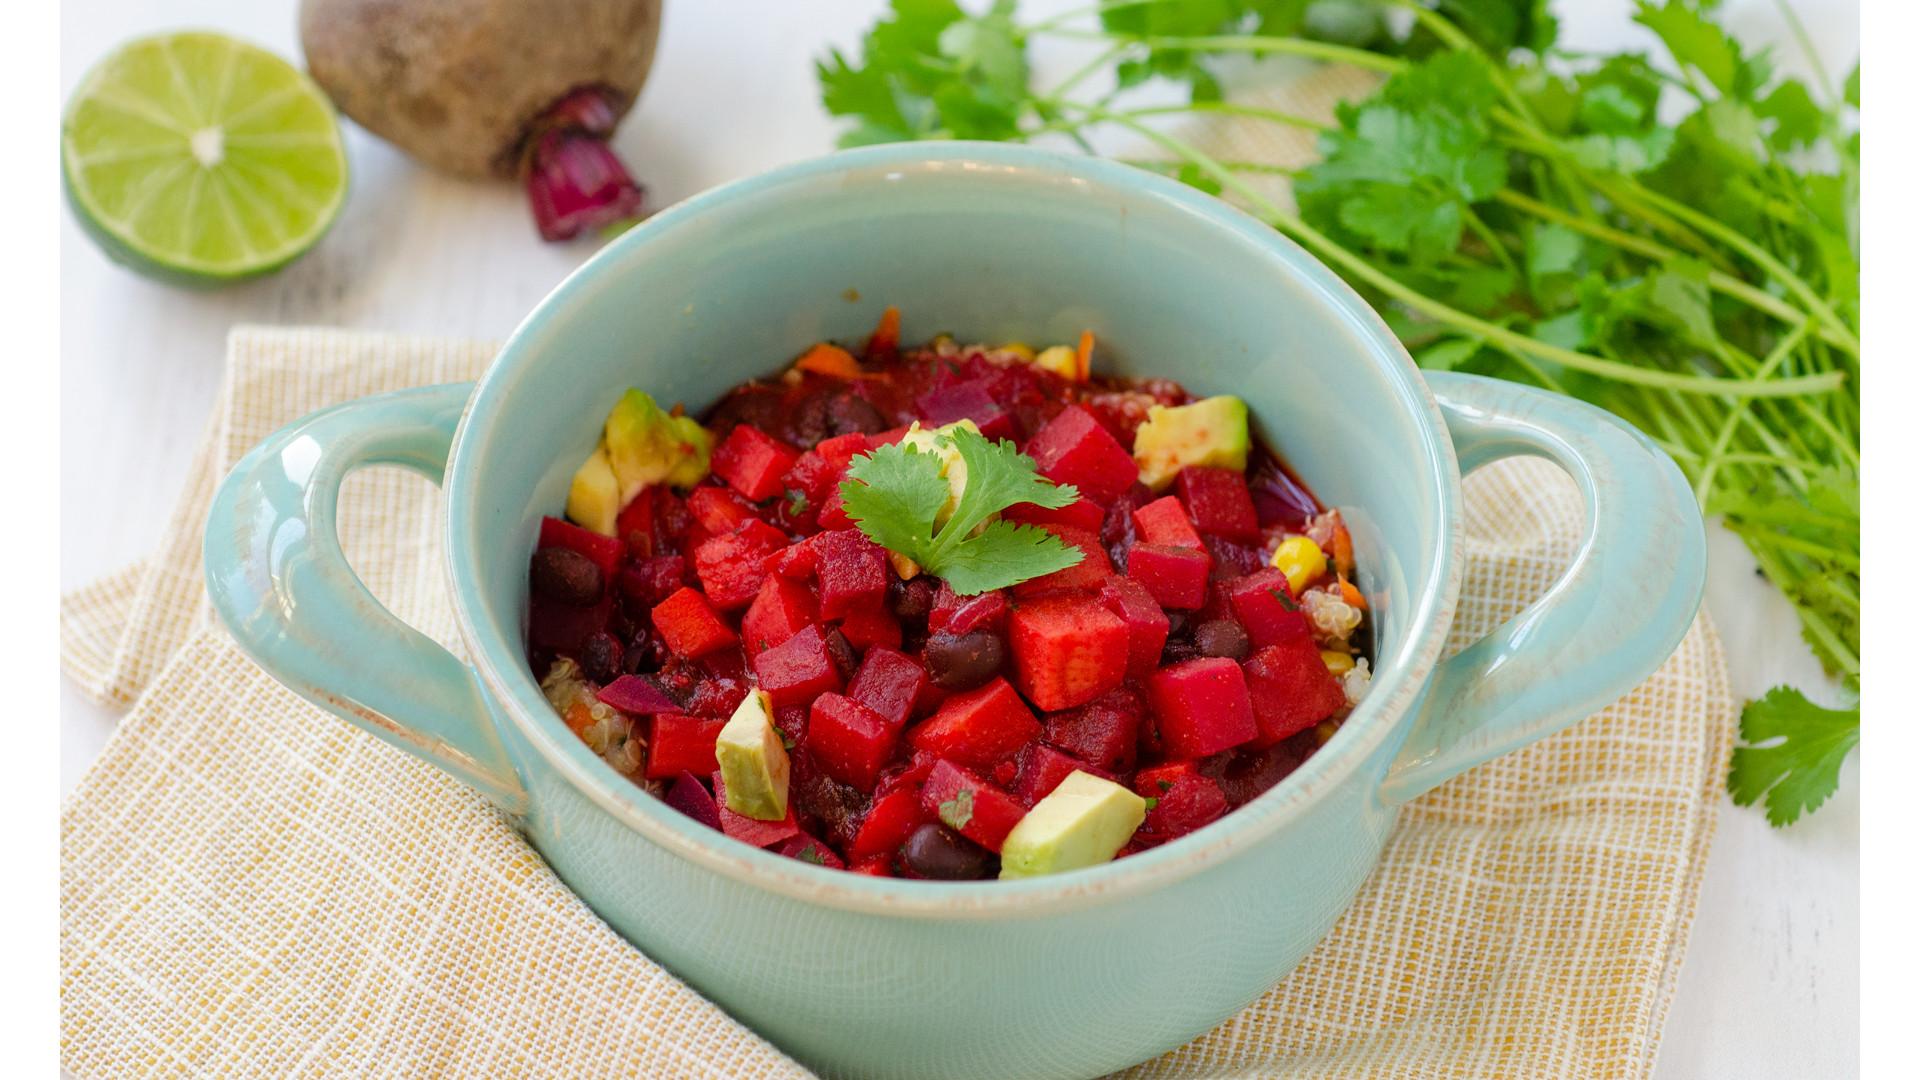 Hearty Veggie Chili and Southwestern Quinoa